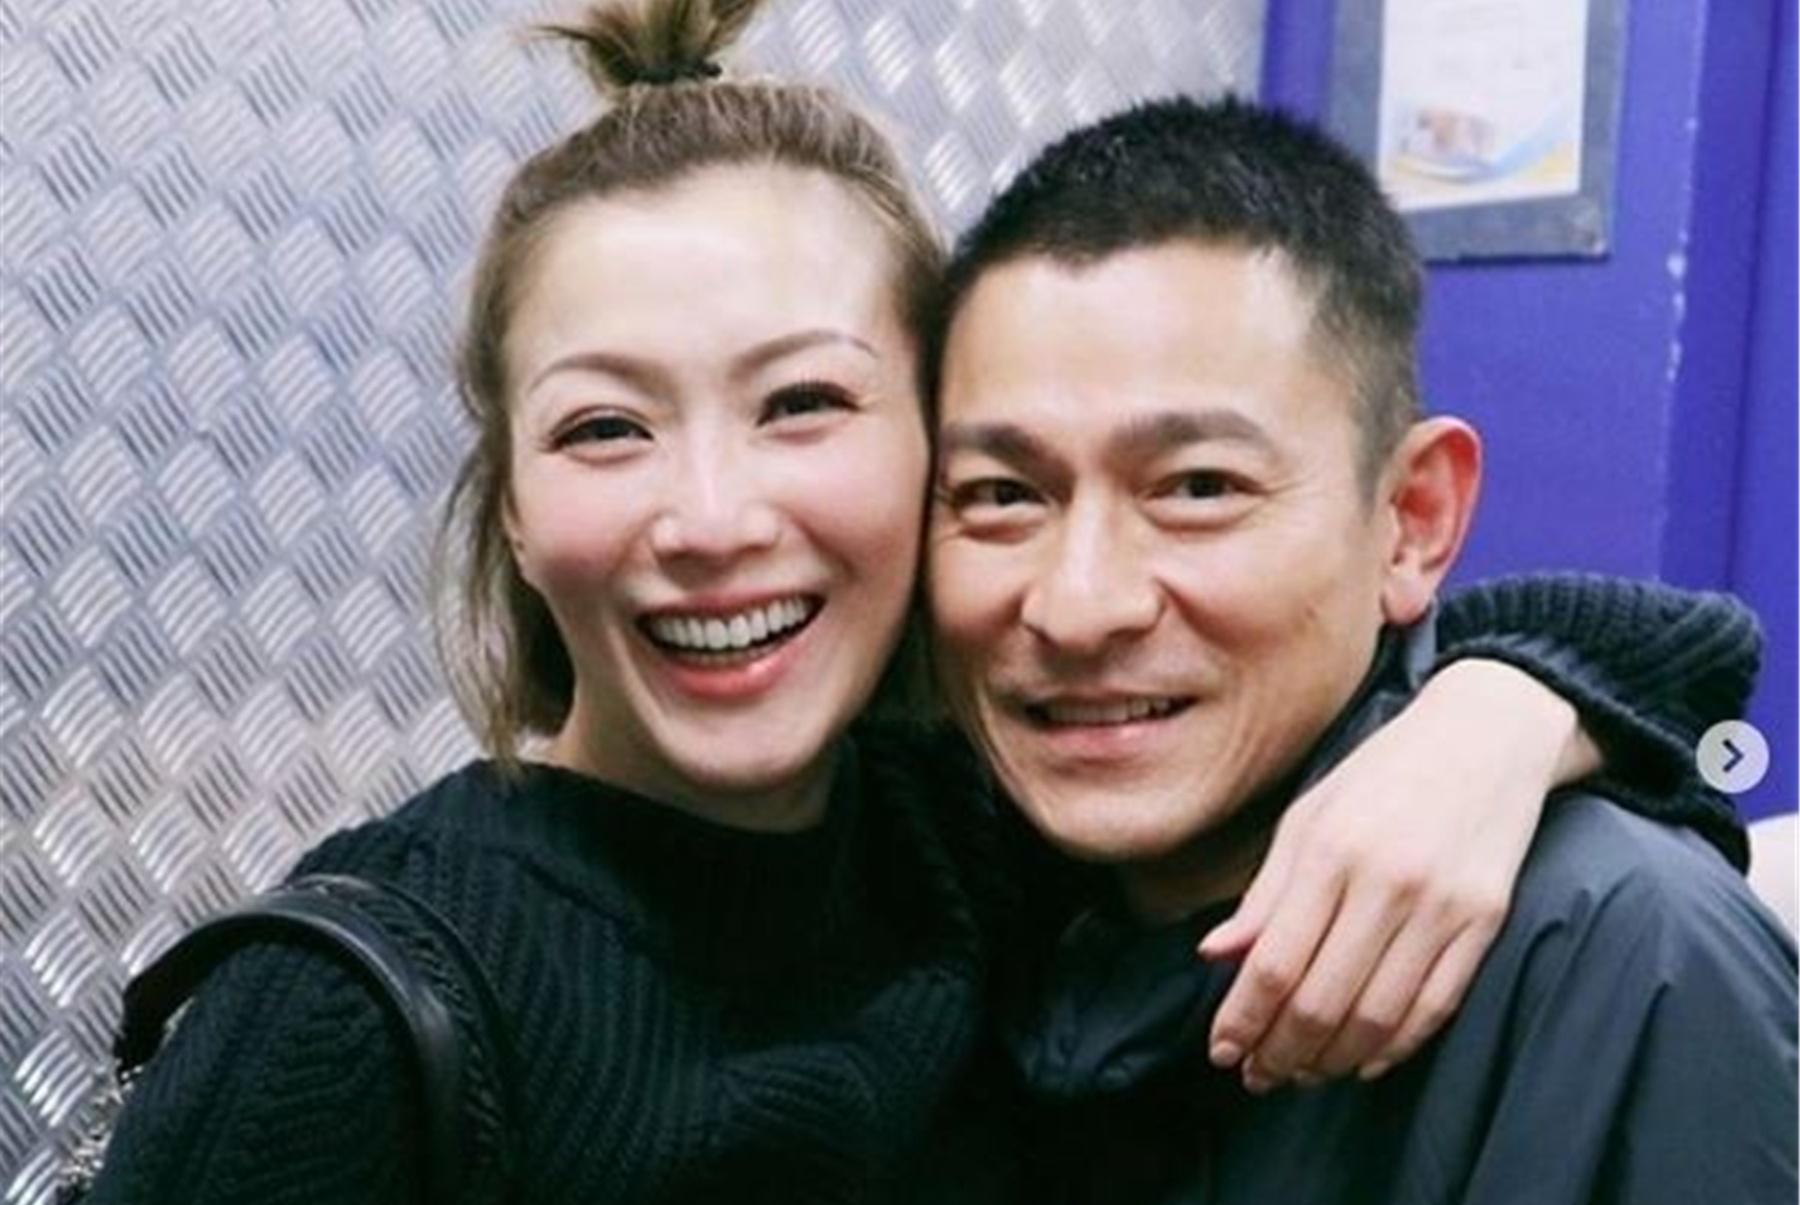 郑秀文电梯偶遇刘德华,笑得合不拢嘴,还发文怀念当年合作的往事